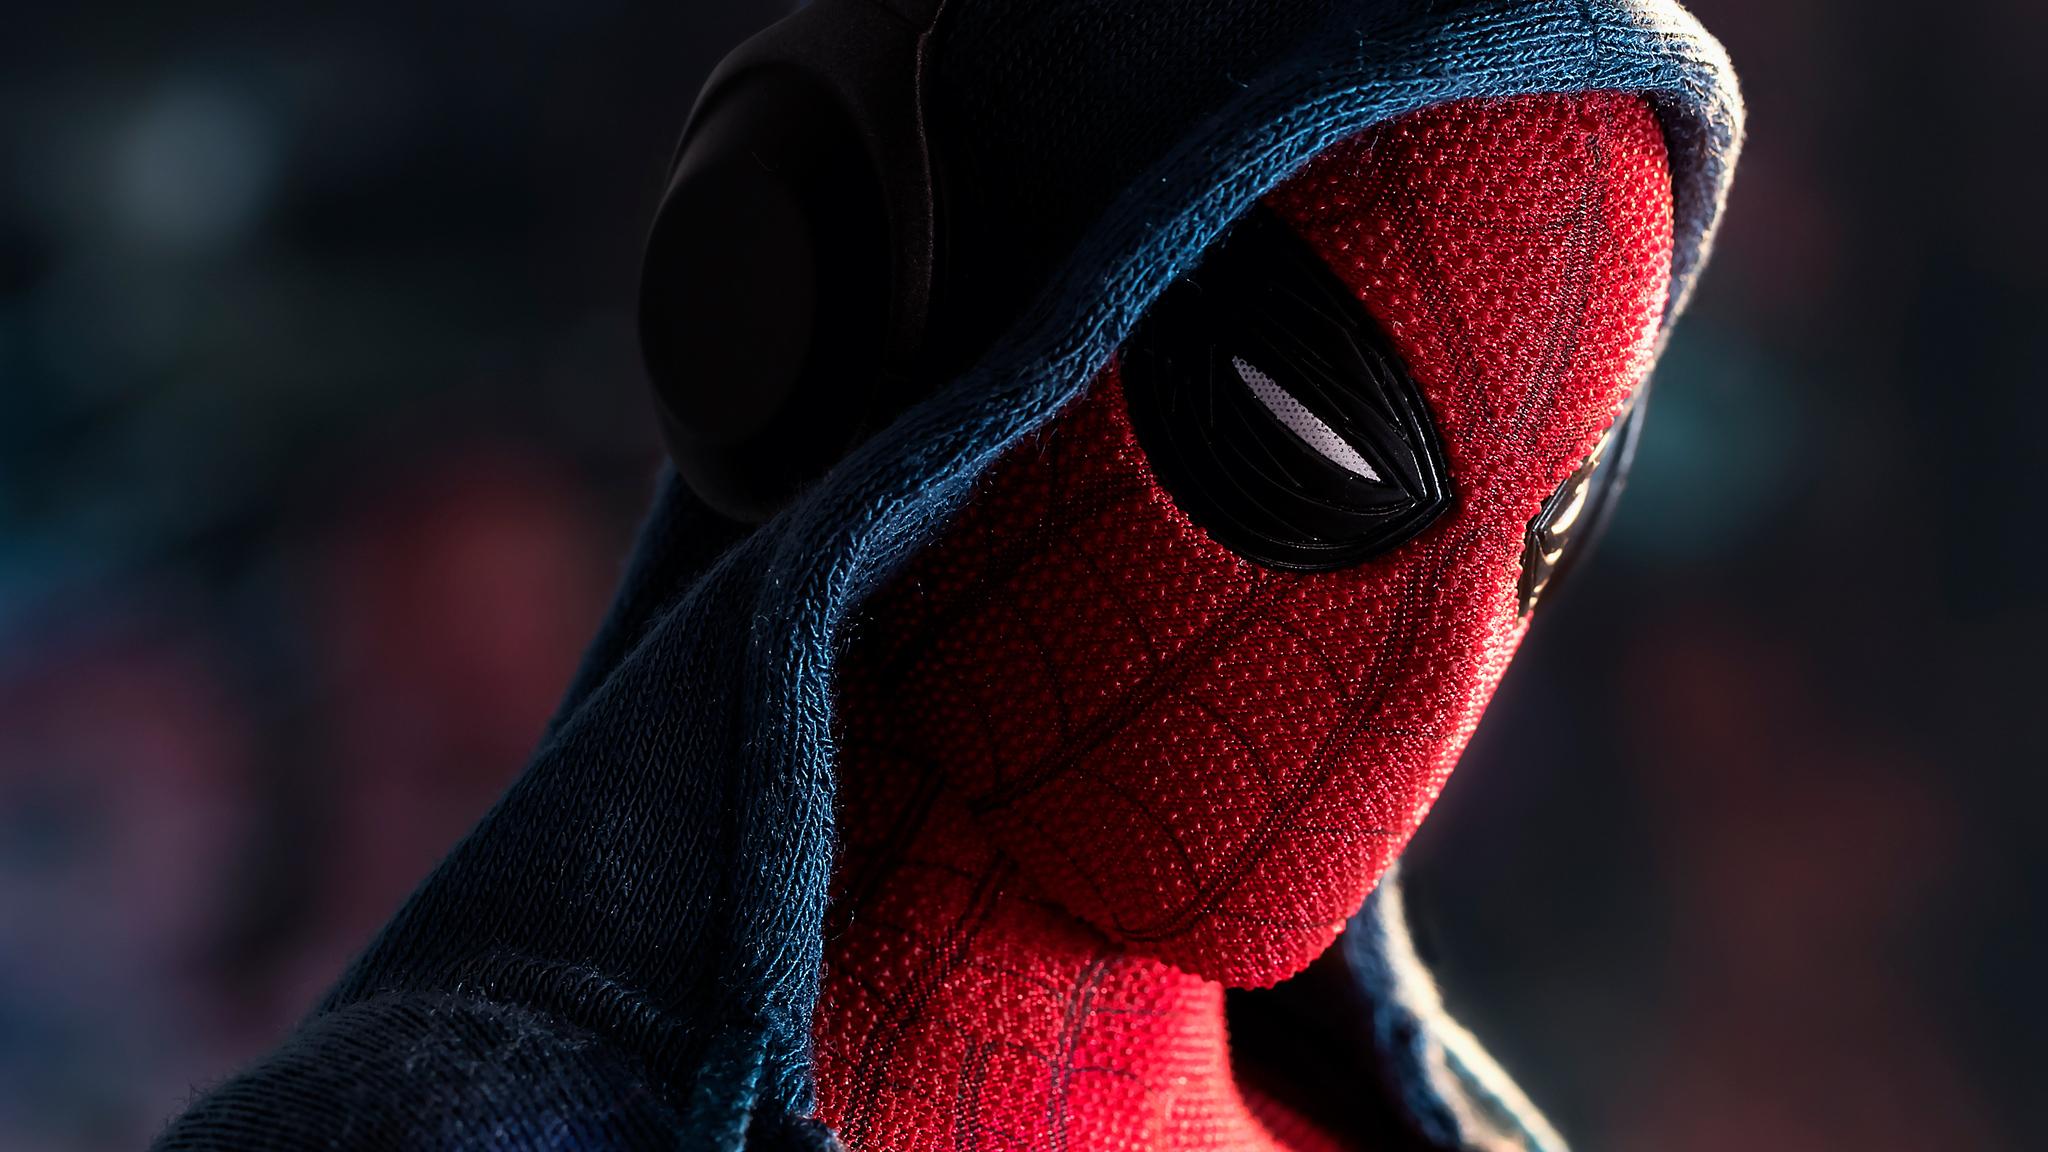 2048x1152 Spiderman In Hoodie 2048x1152 Resolution Hd 4k